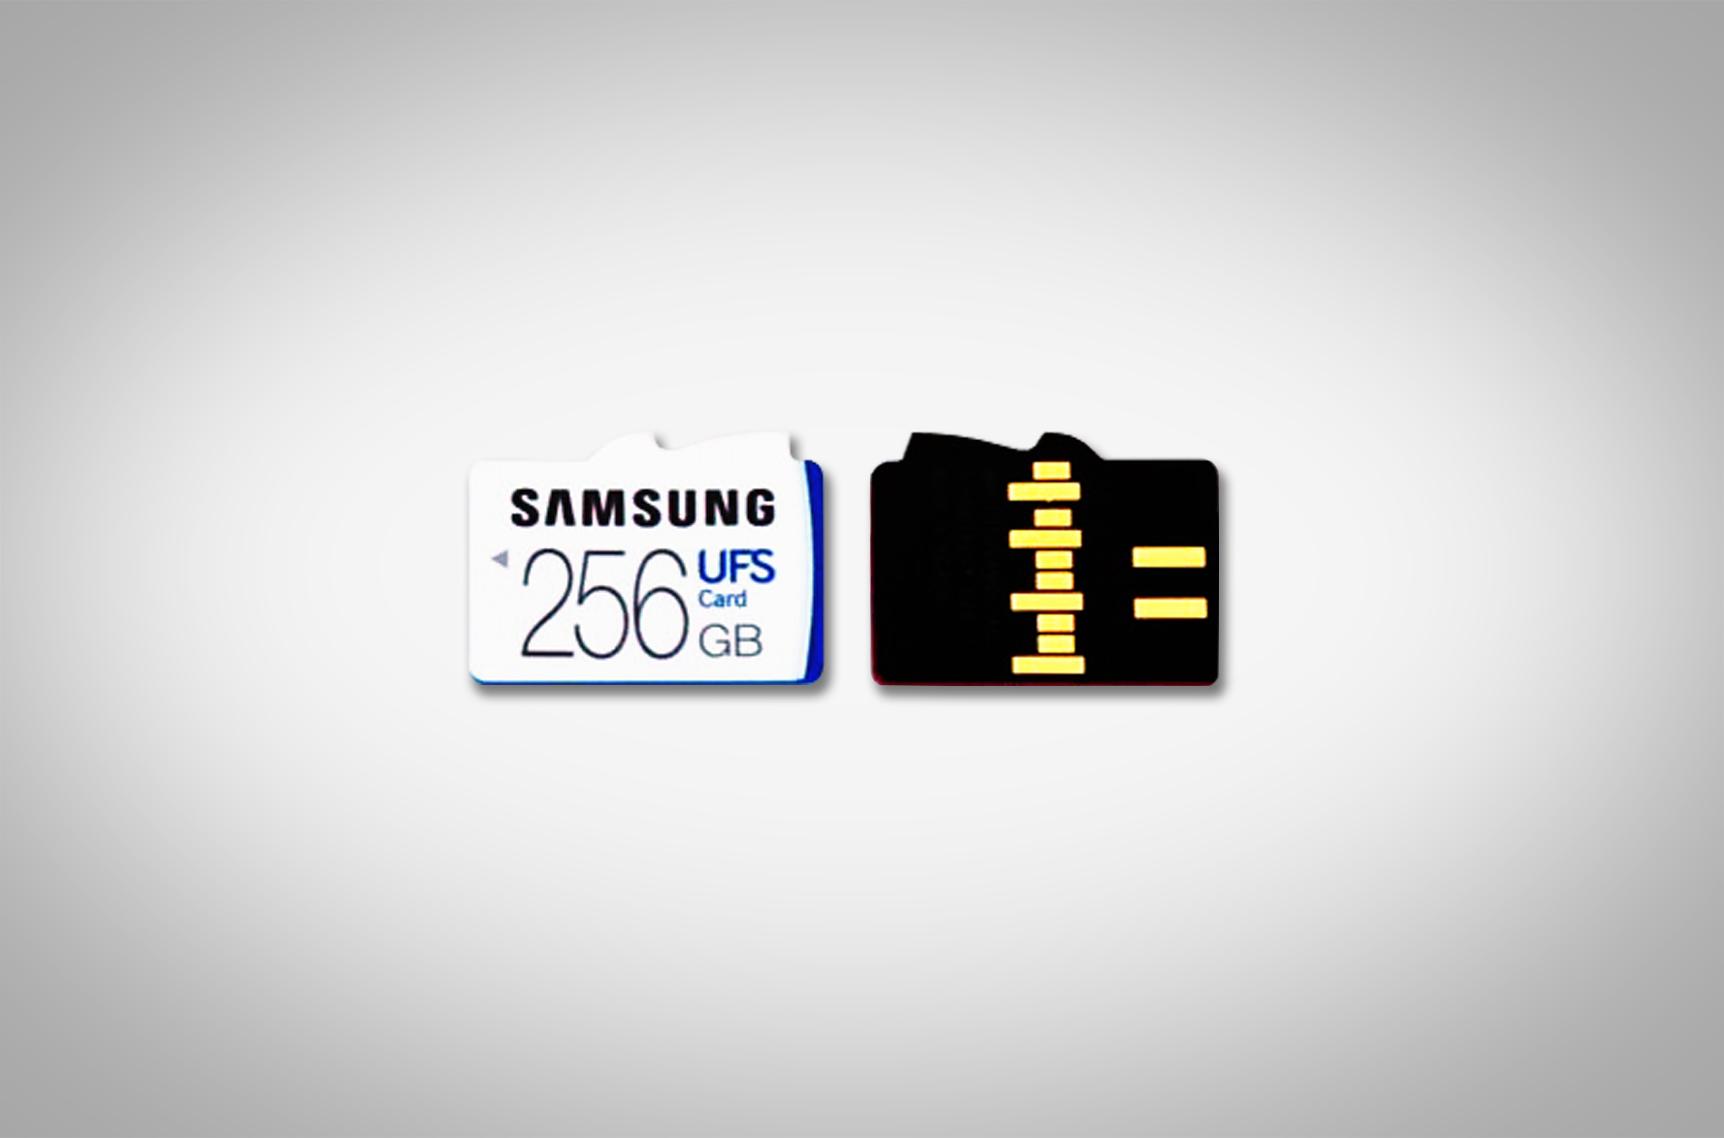 Co sięstało z kartami standardu UFS? Samsung zapowiadał je jako następcę SD, a słuch o nich zaginął